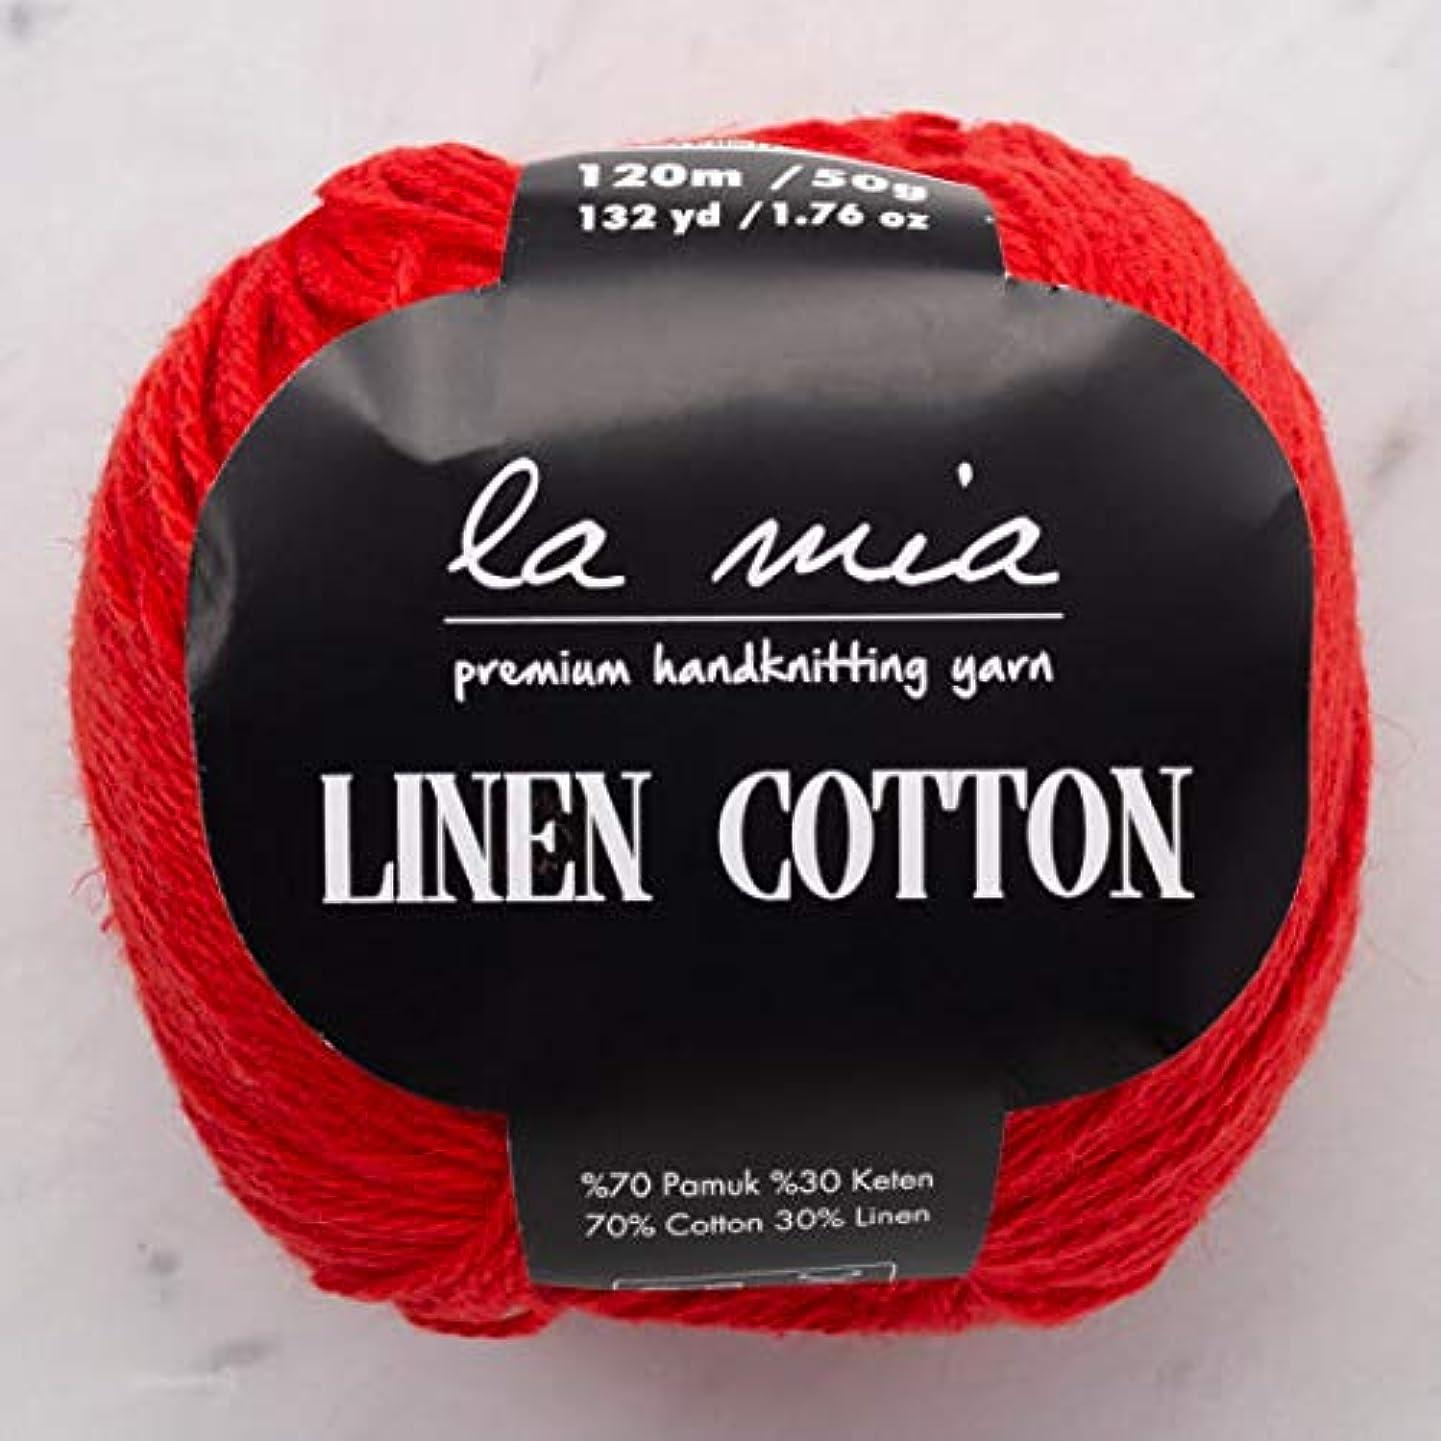 6 Ball (Pack) La Mia Linen Cotton, Total 10.58 Oz. 70% Cotton, 30% Linen, Each 1.76 Oz (50g) / 132 Yrds (120 m), 3 Light DK, Red - L004 yhjqqhbndjdv